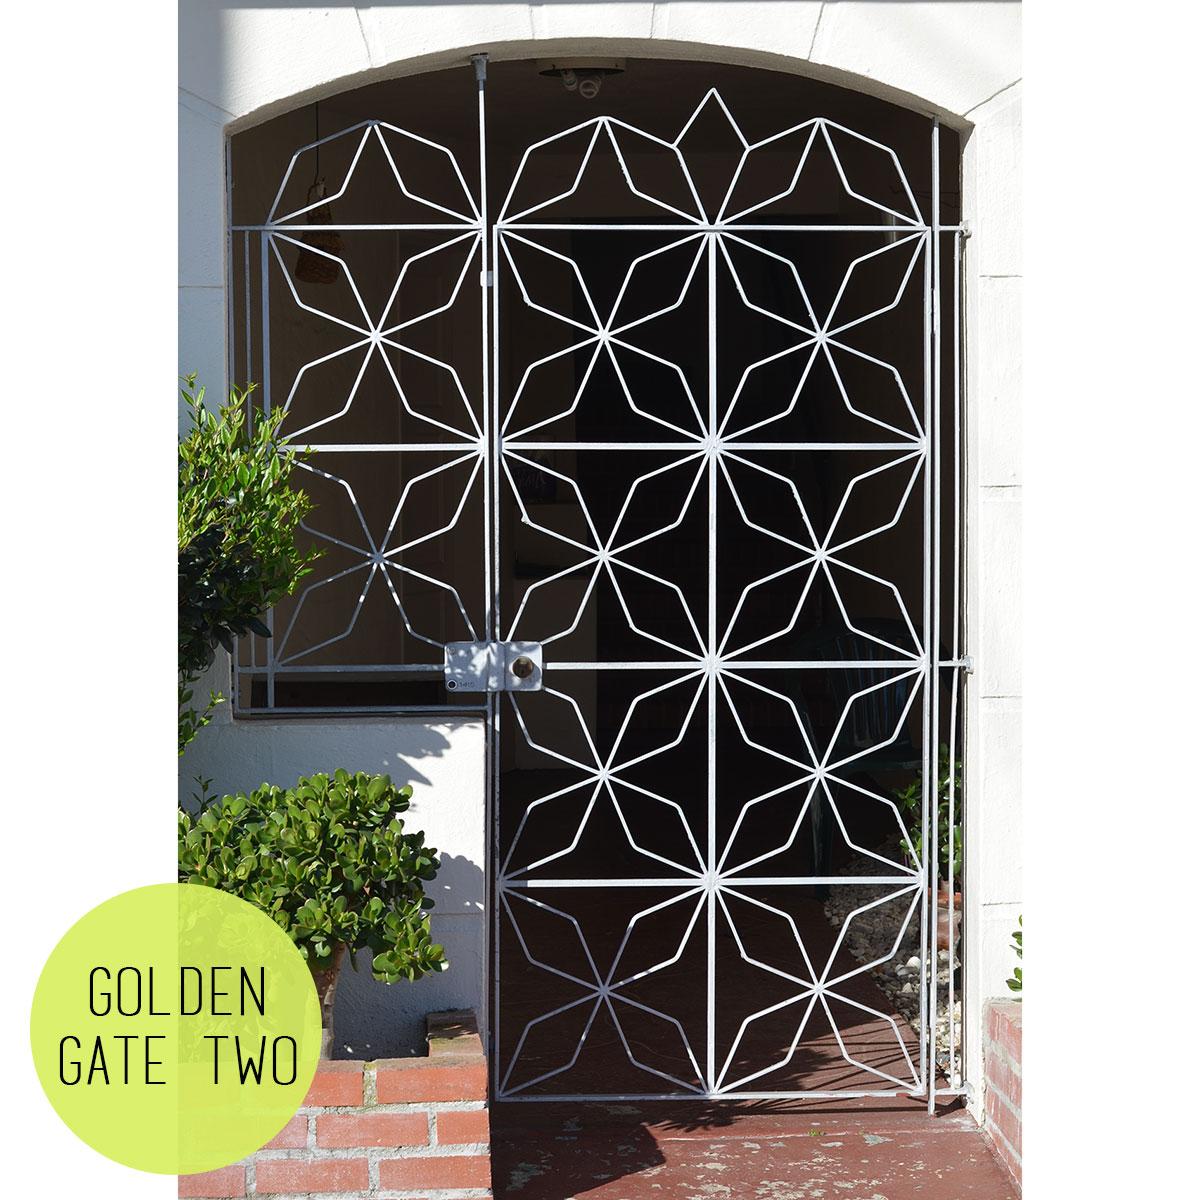 GoldenGate2